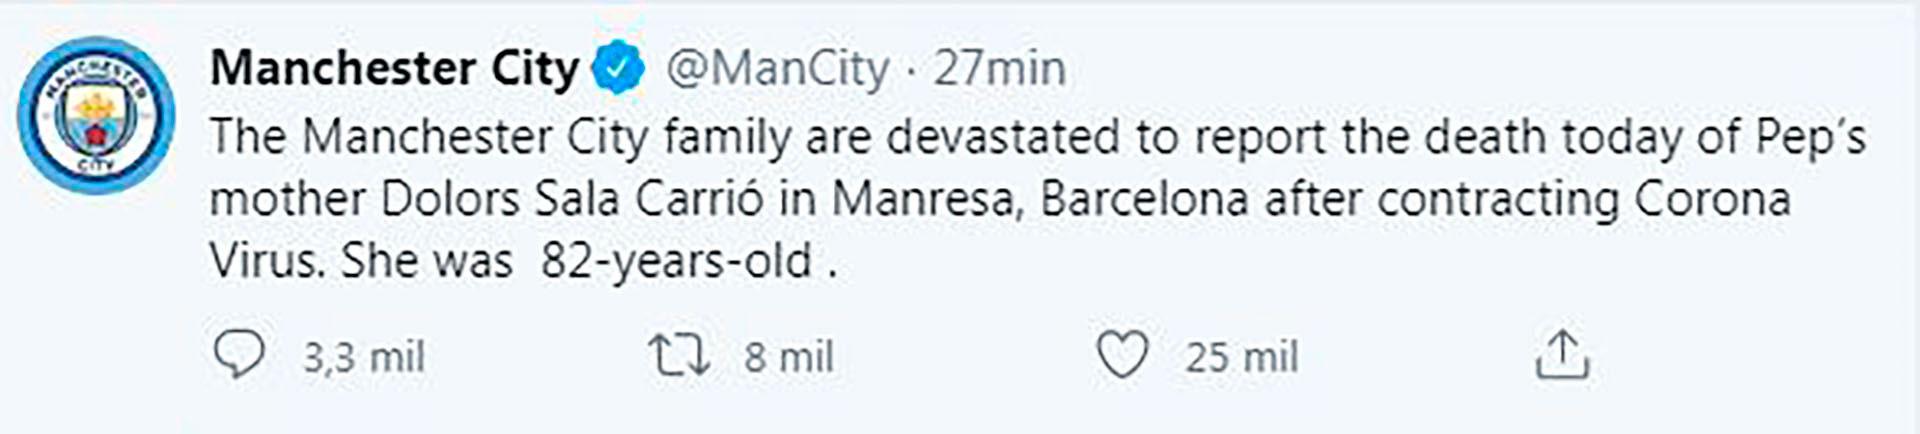 así anunció la noticia el Manchester City